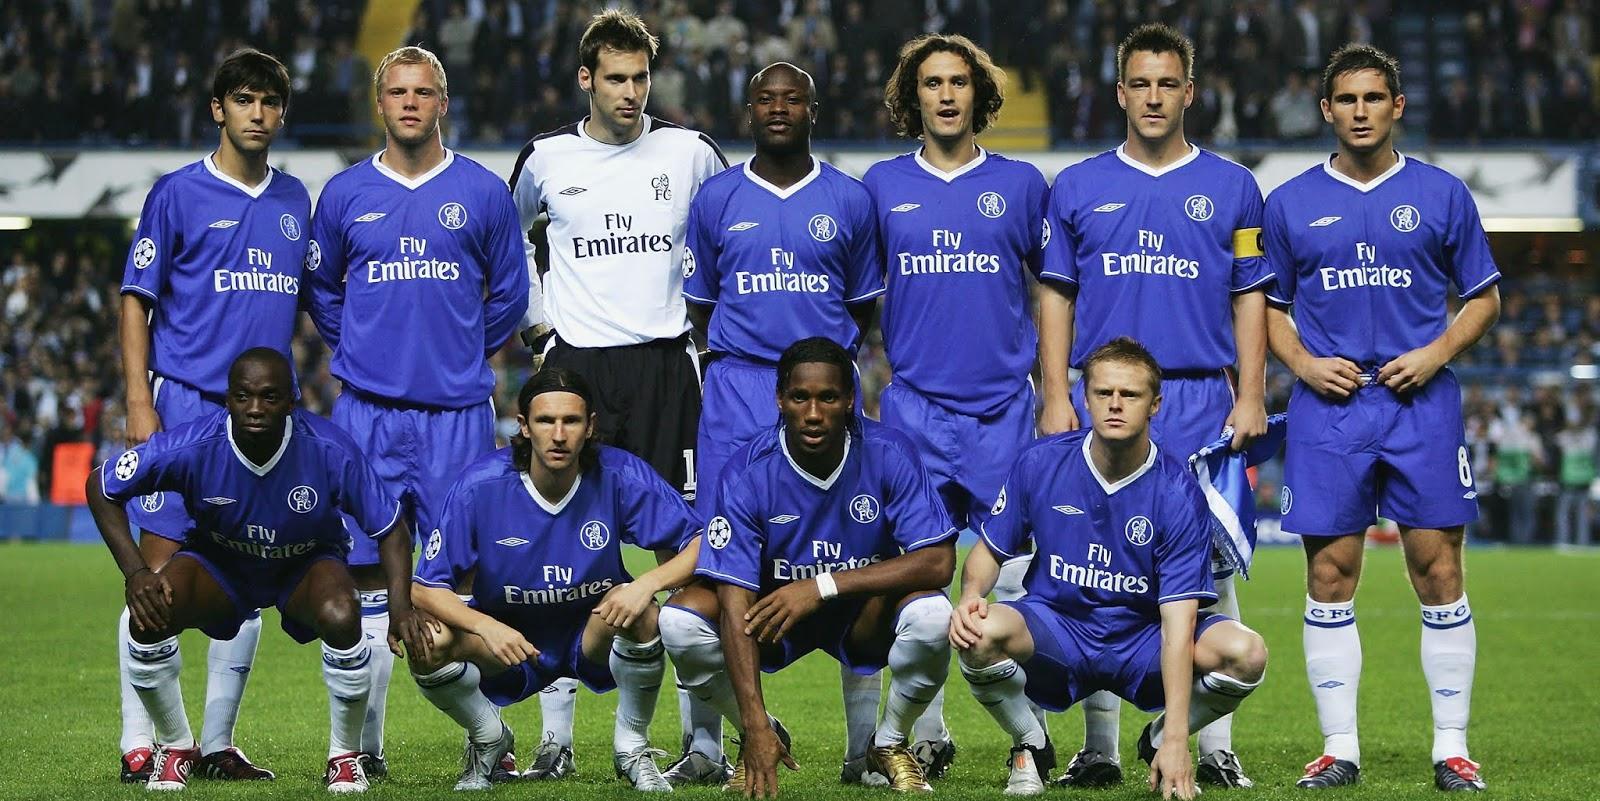 jose mourinho chelsea squad 2004/05 premier league champions